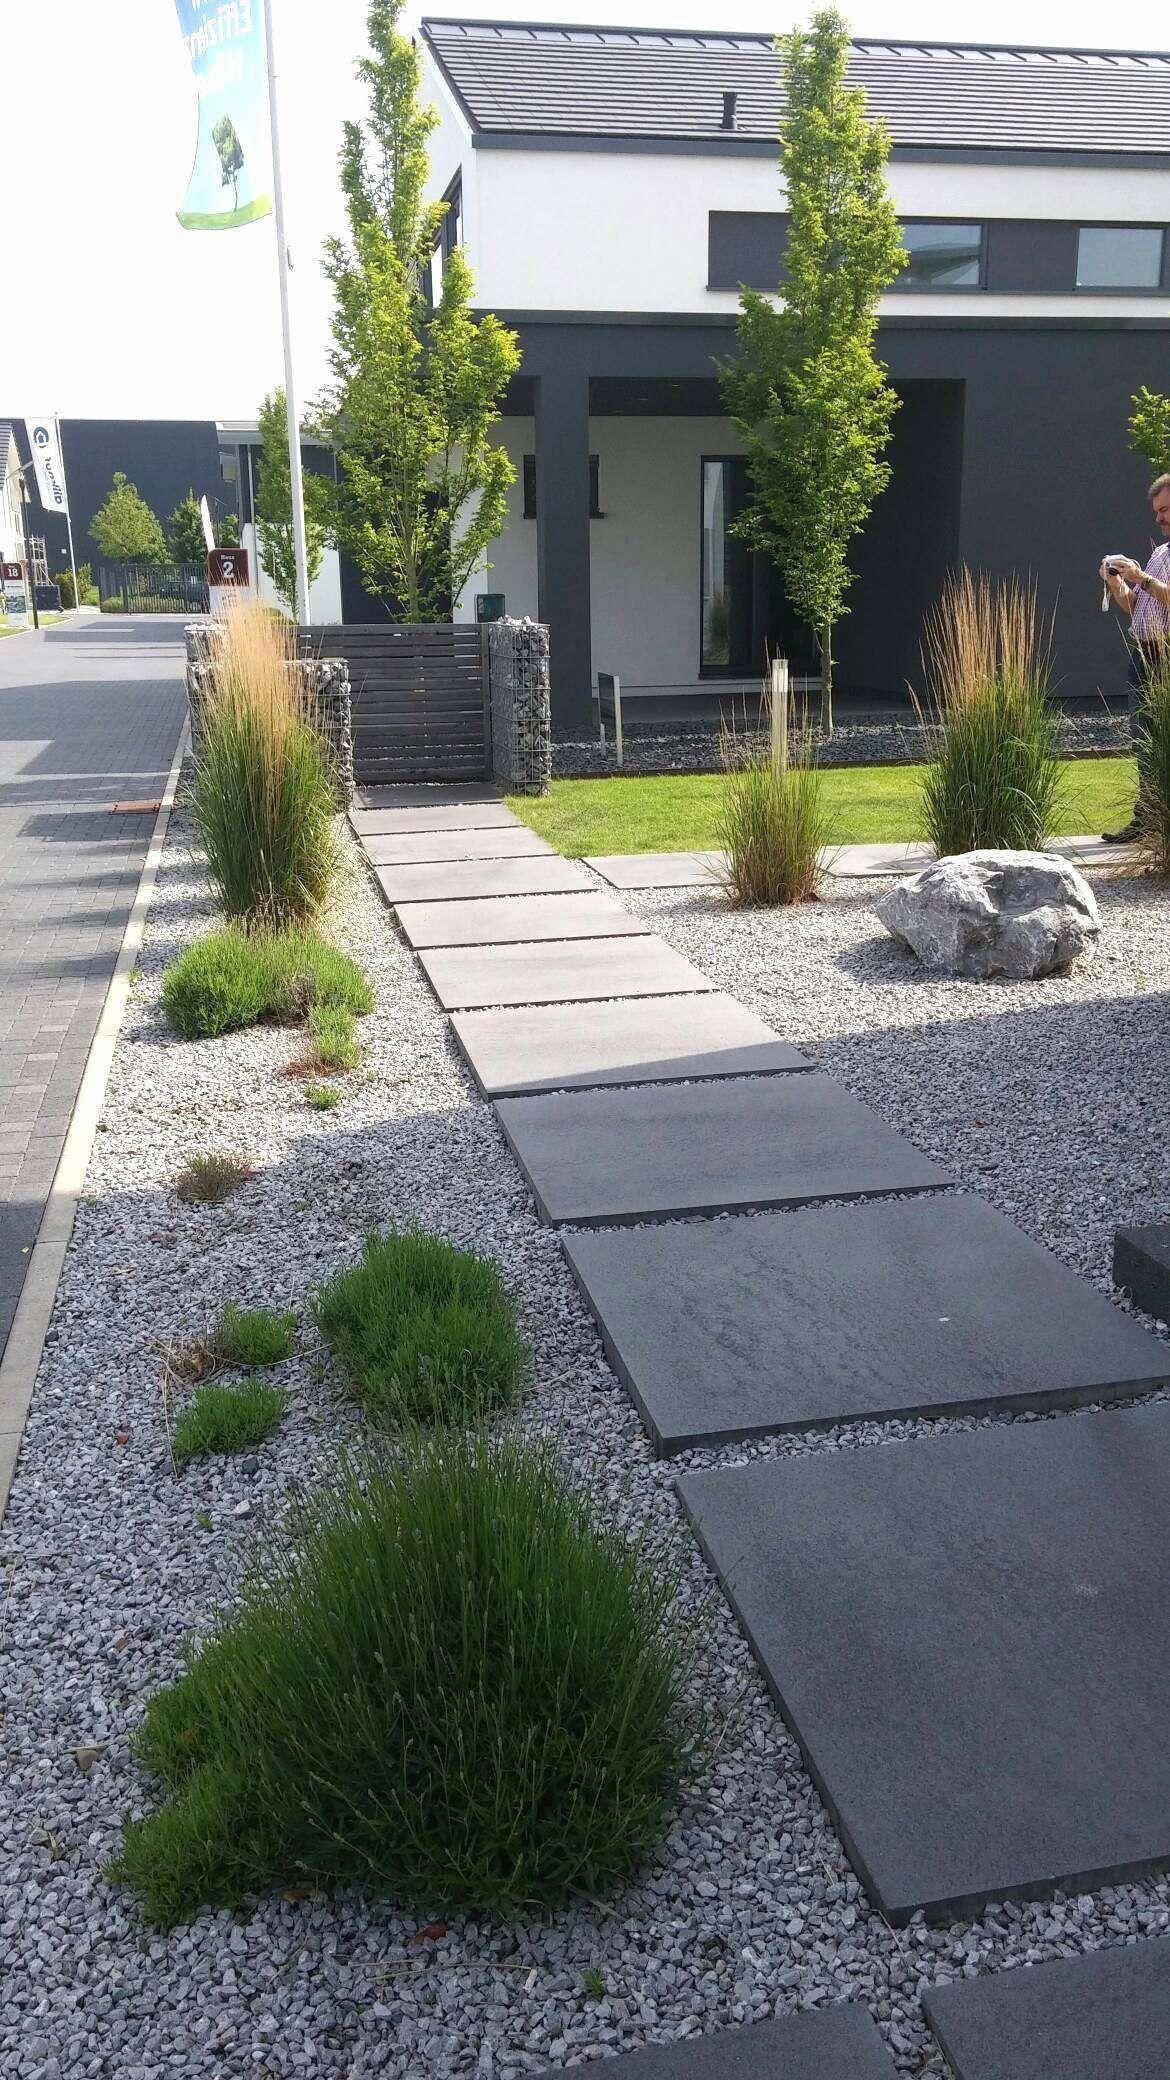 Holz Deko Garten Inspirierend Garten Ideas Garten Anlegen Lovely Aussenleuchten Garten 0d